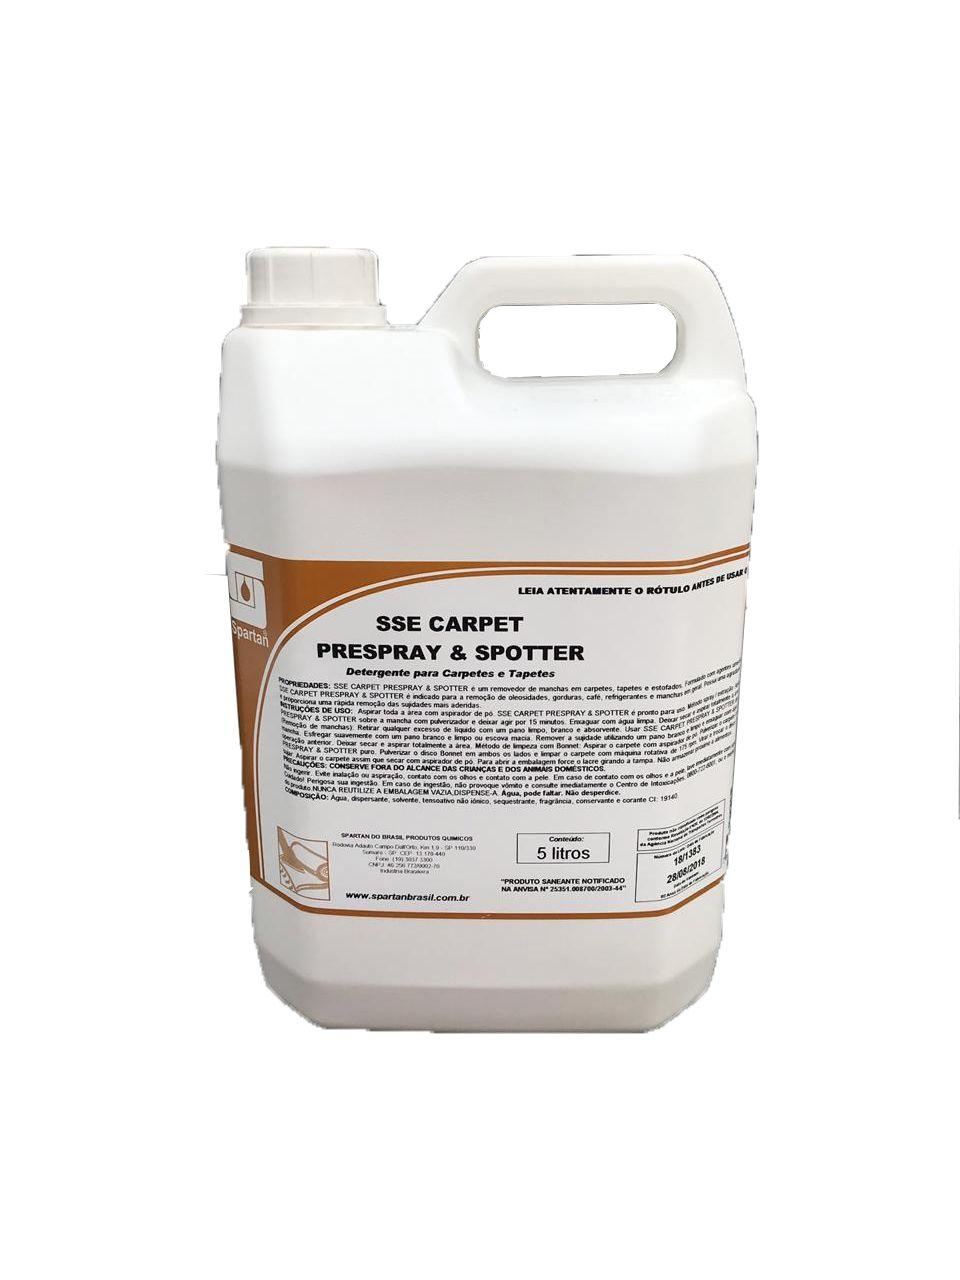 Tira Manchas Estofados E Carpetes Sse Carpet 5l - 2 Galões